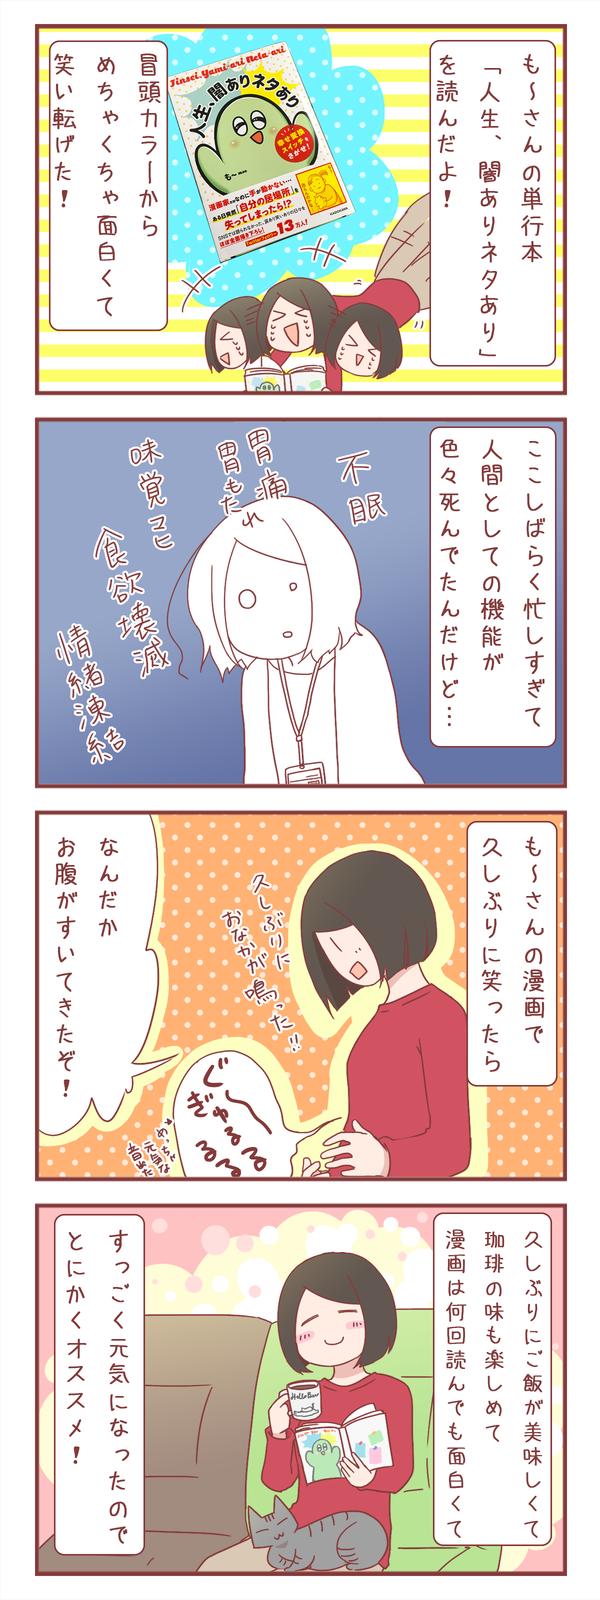 も~さんの単行本「人生闇ありネタあり」を読んだよ!